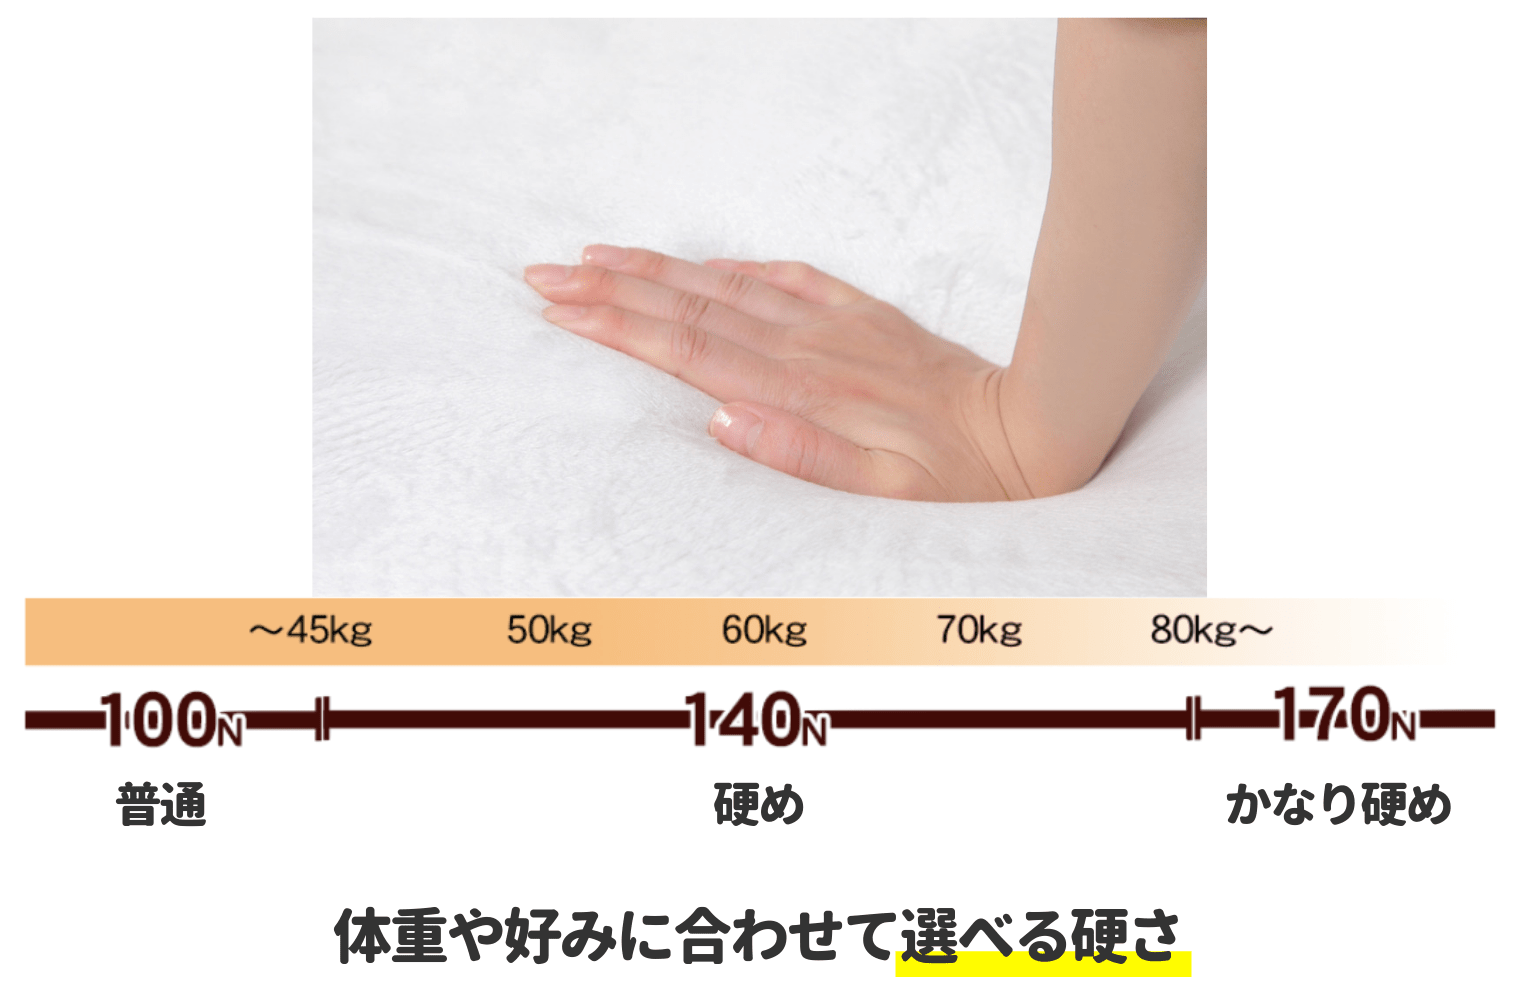 体重別の硬さ表